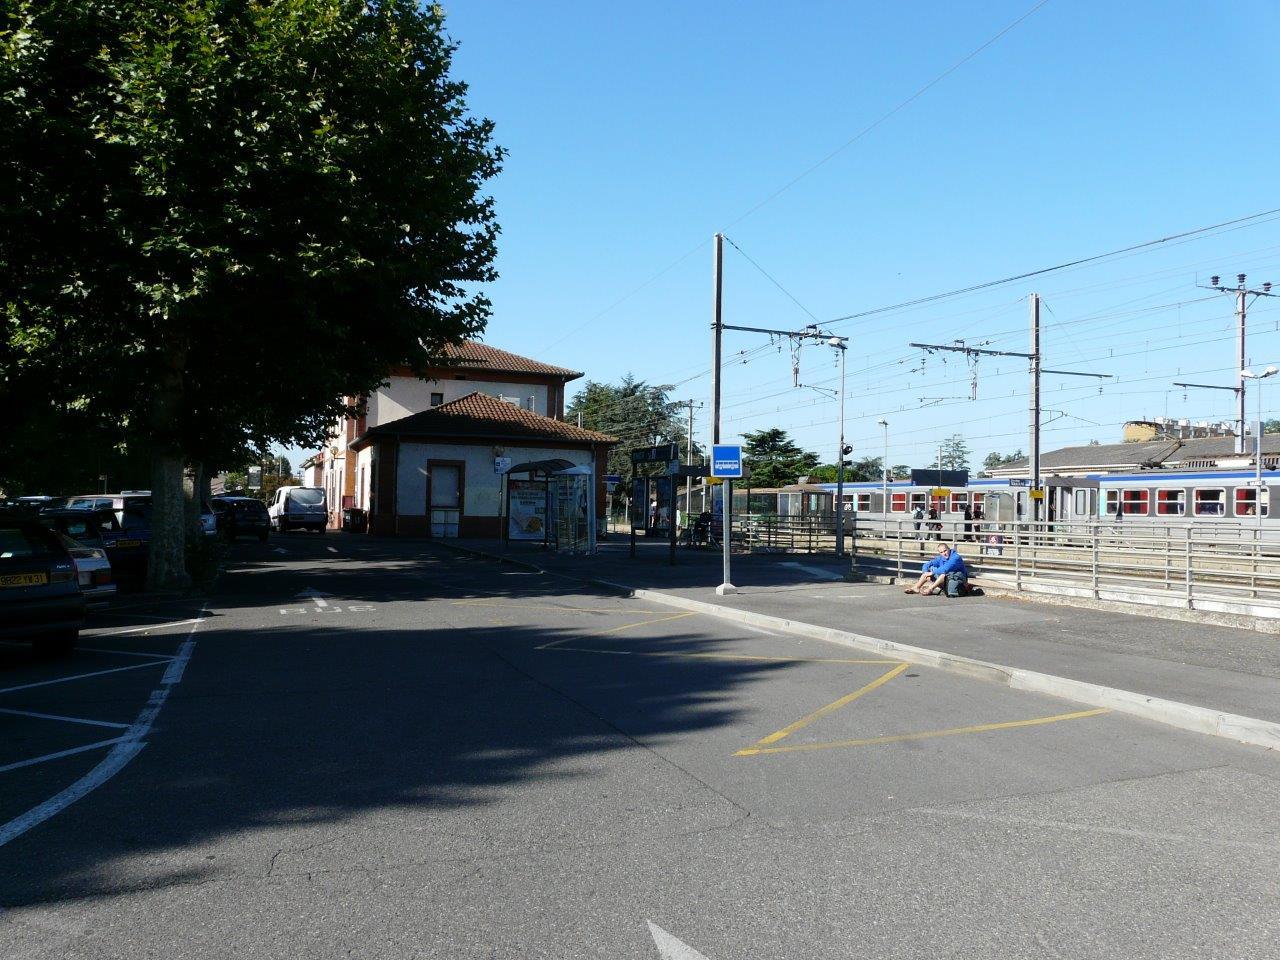 gare-de-muret-train-station